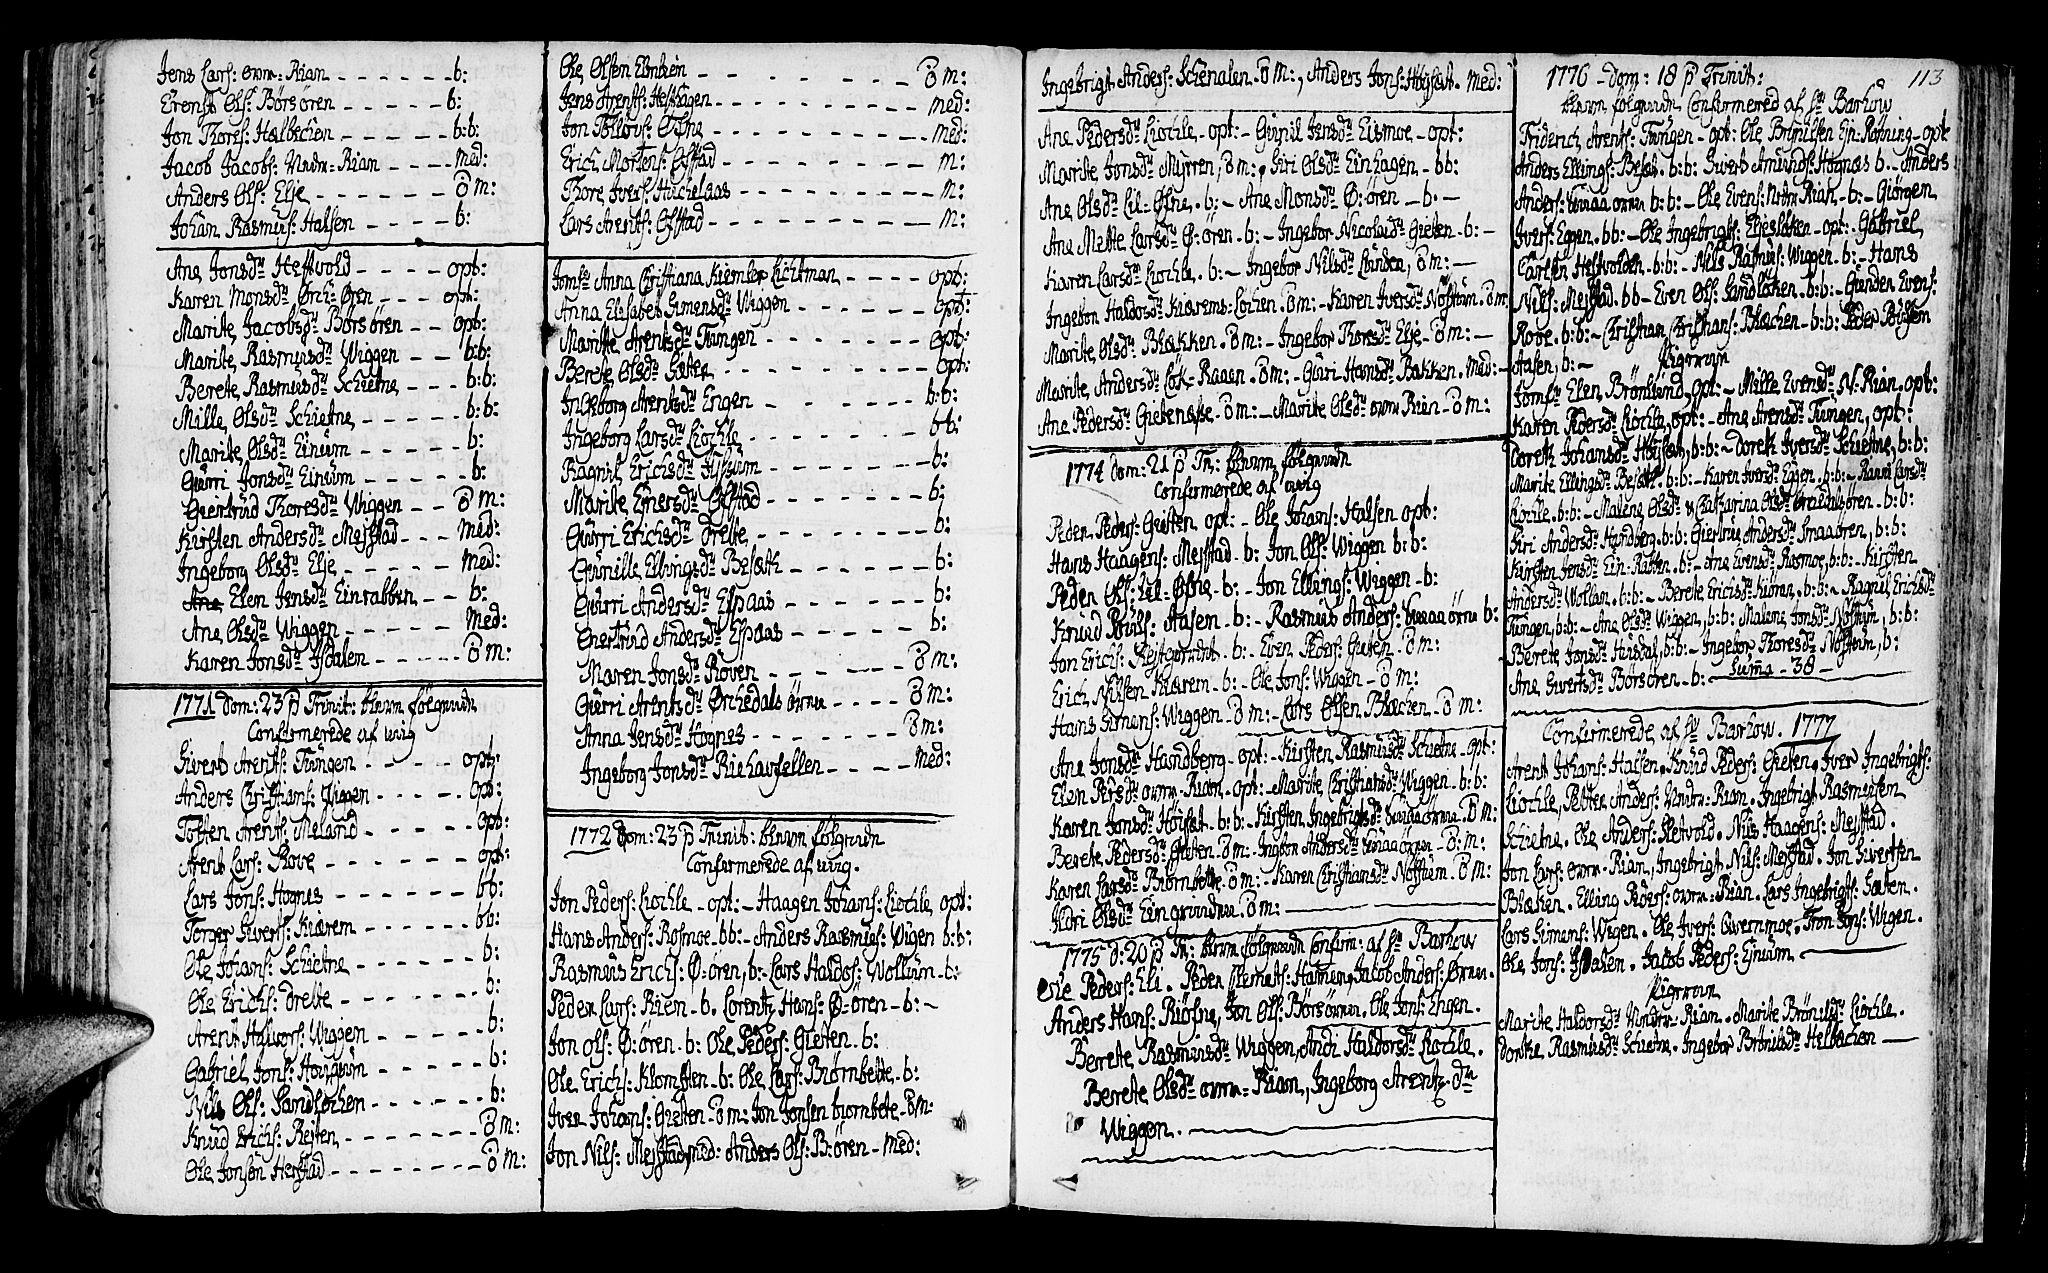 SAT, Ministerialprotokoller, klokkerbøker og fødselsregistre - Sør-Trøndelag, 665/L0768: Ministerialbok nr. 665A03, 1754-1803, s. 113